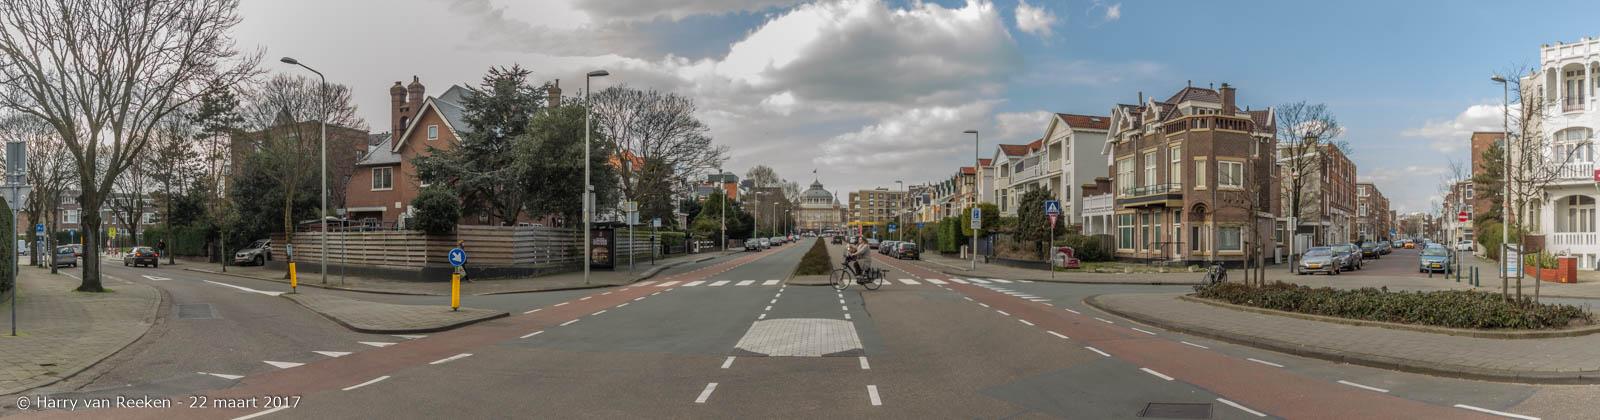 Badhuisweg-3-Pano-2